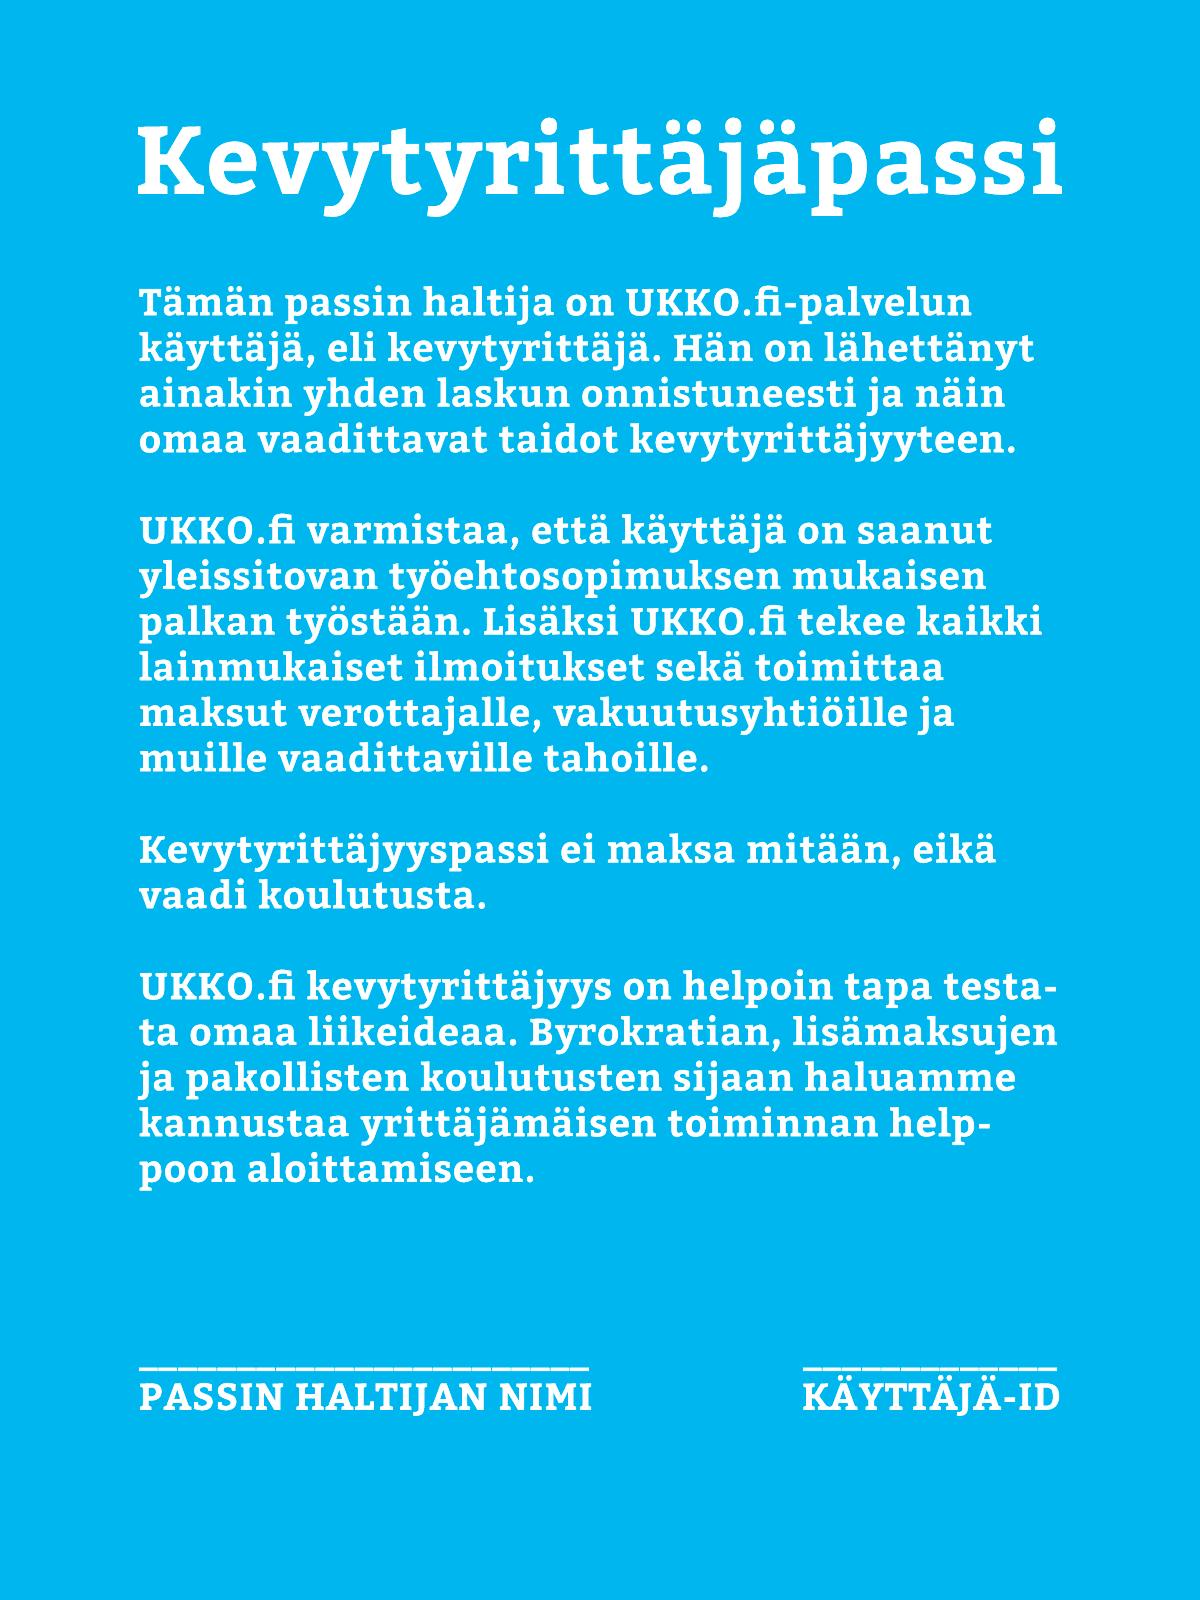 ukko-passi